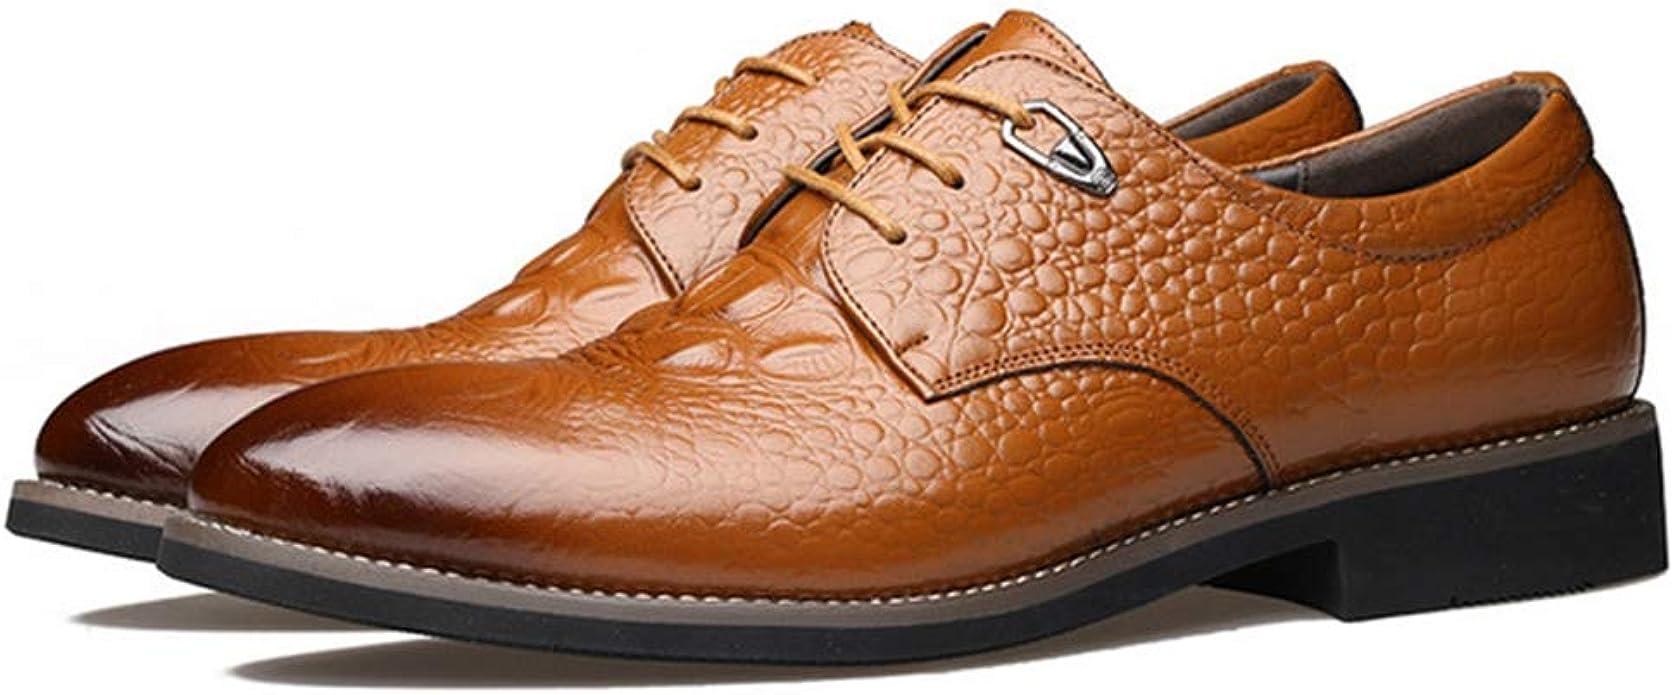 XIGUAFR Chaussure en Cuir Habillée Pointue de Costume de Travail Décontractée Homme Souple Basse Chaussure a Lacet en Motif Crocodile Respirant